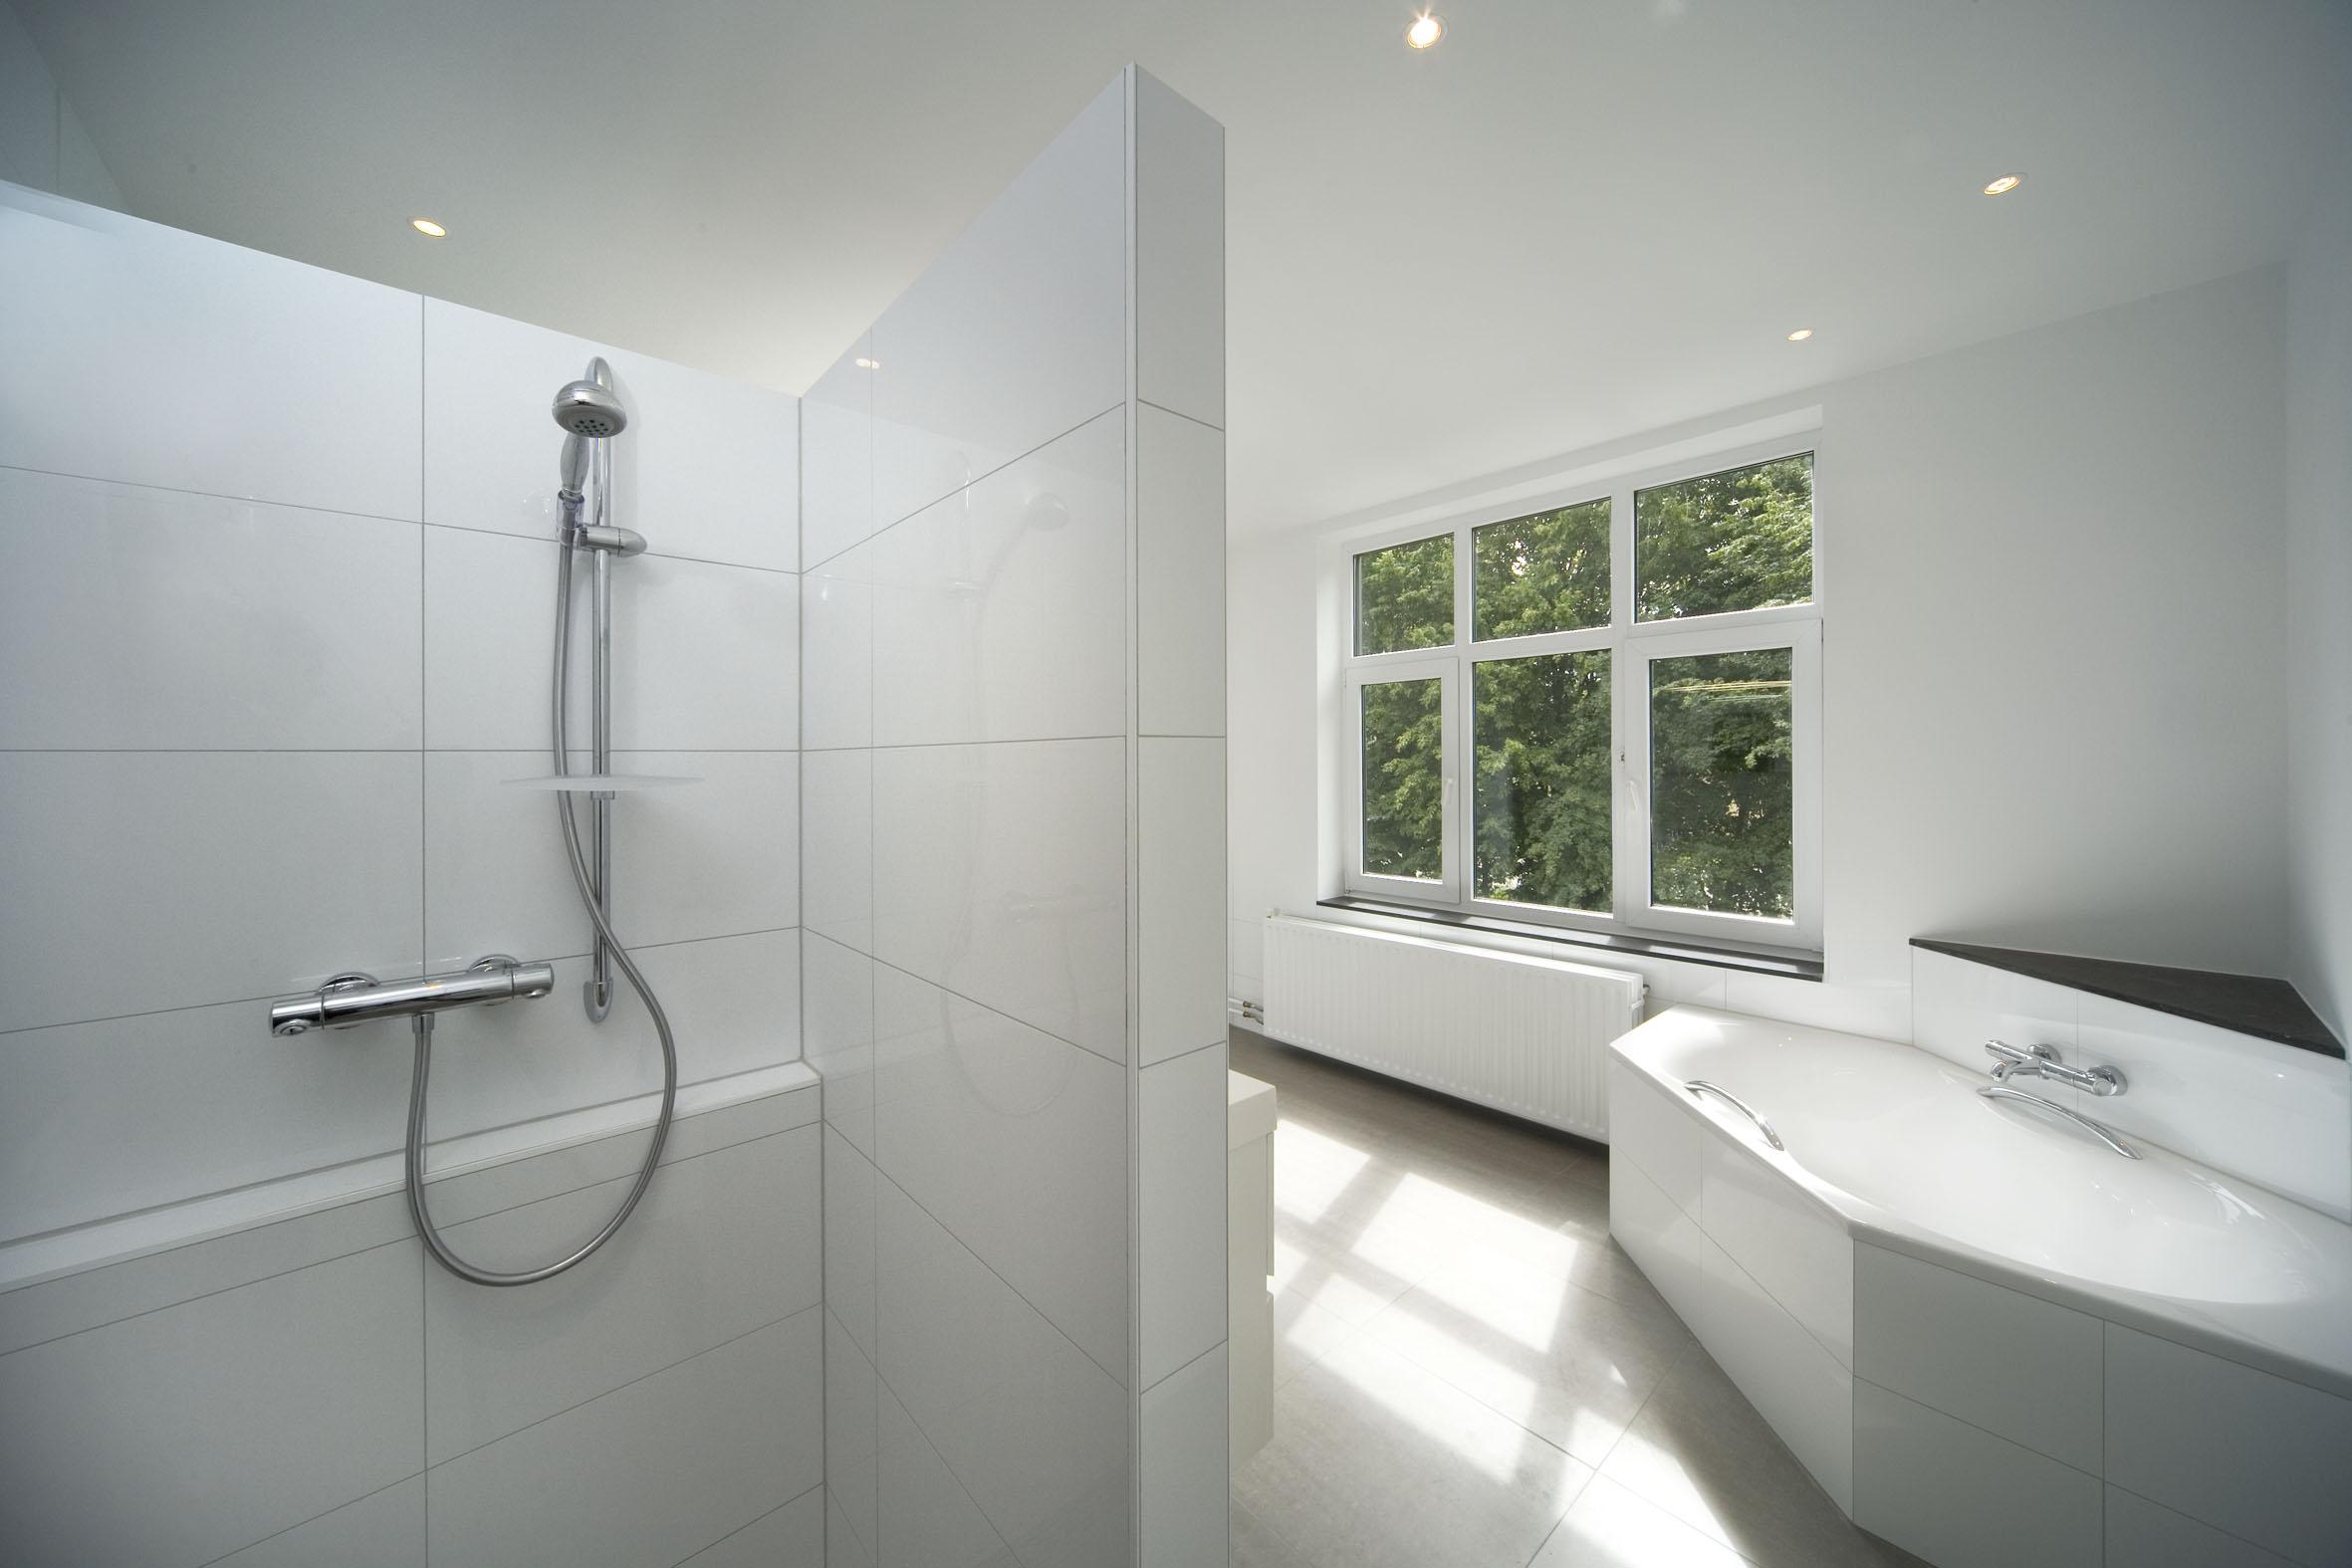 Projectportfolio badkamer ma0707 - Moderne badkamer met italiaanse douche ...